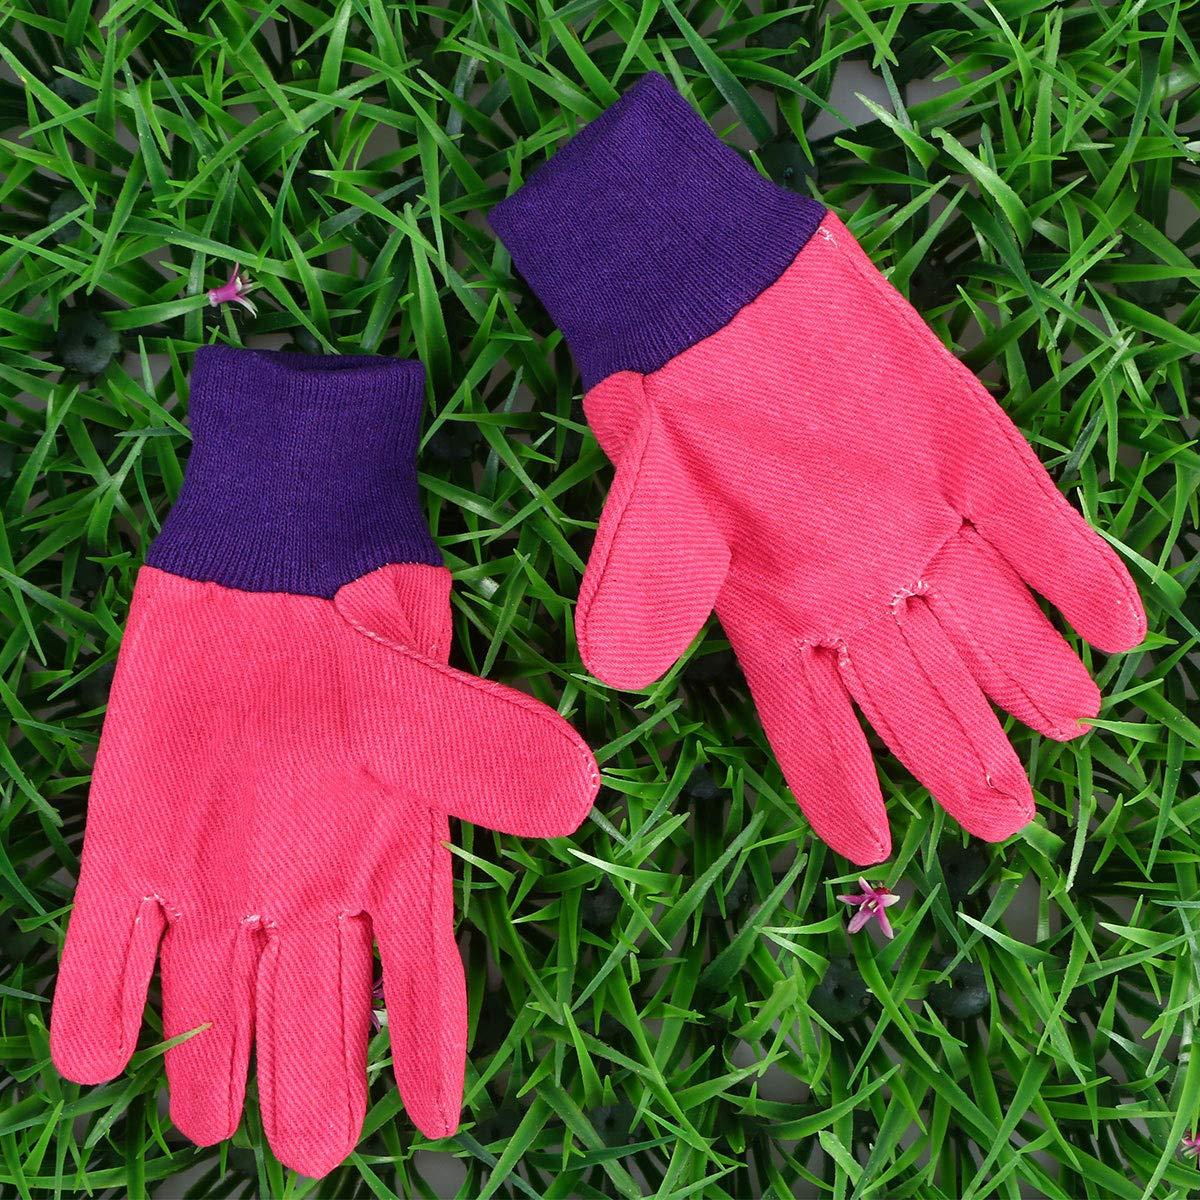 Toyvian Outils de Jardinage Jouet de Jardinage en Plein air avec Sac de Transport Portable Petite Trousse doutils de Plantation Cadeau pour Enfants